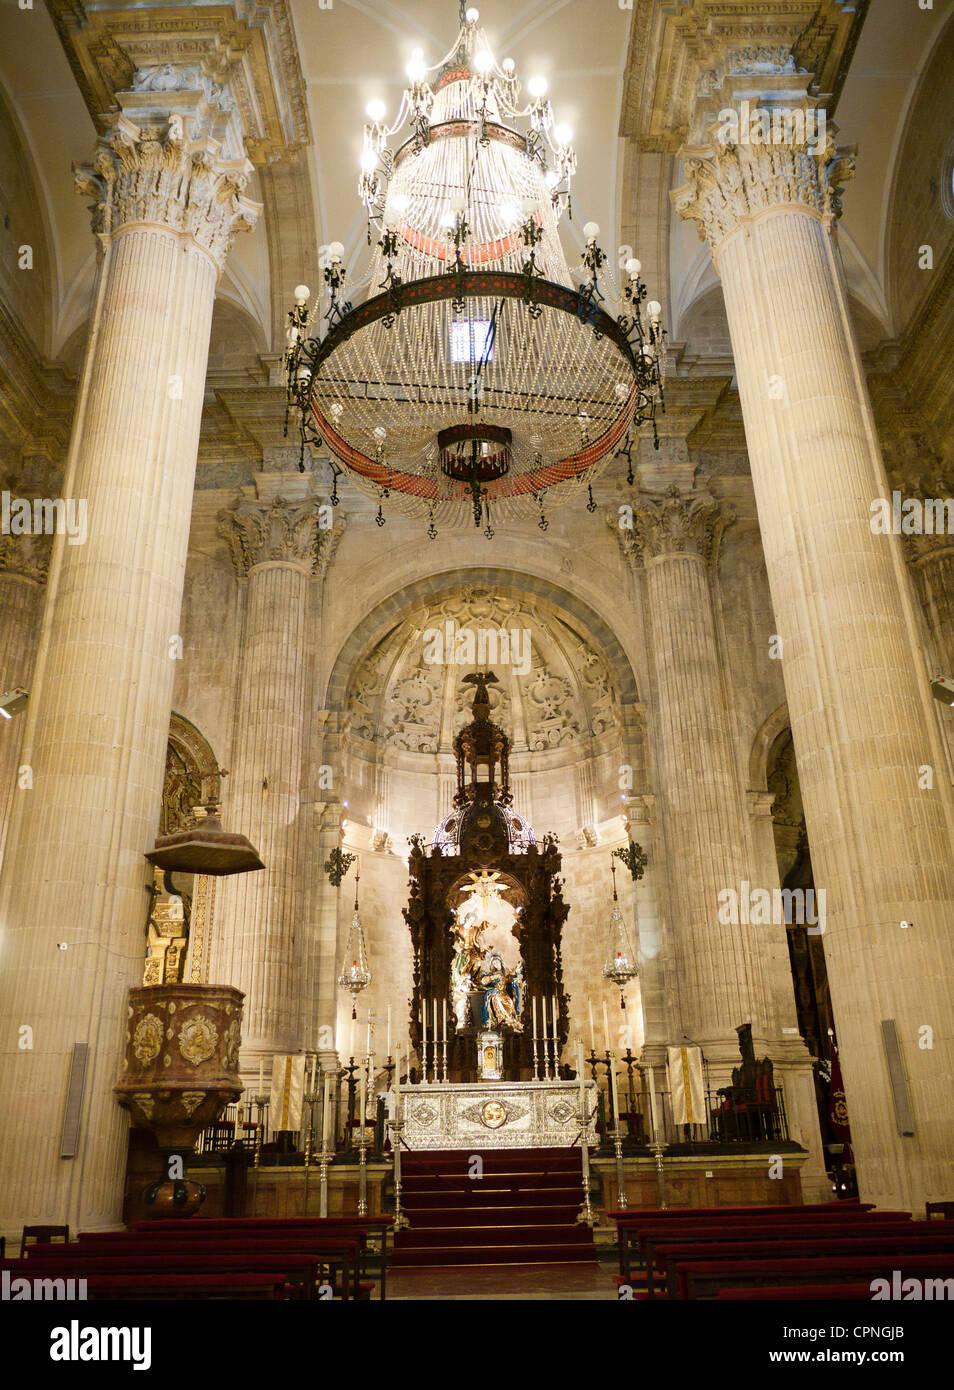 Inside the Church of Santa Maria la Mayor Ronda Malaga Province Andalucia Spain - Stock Image